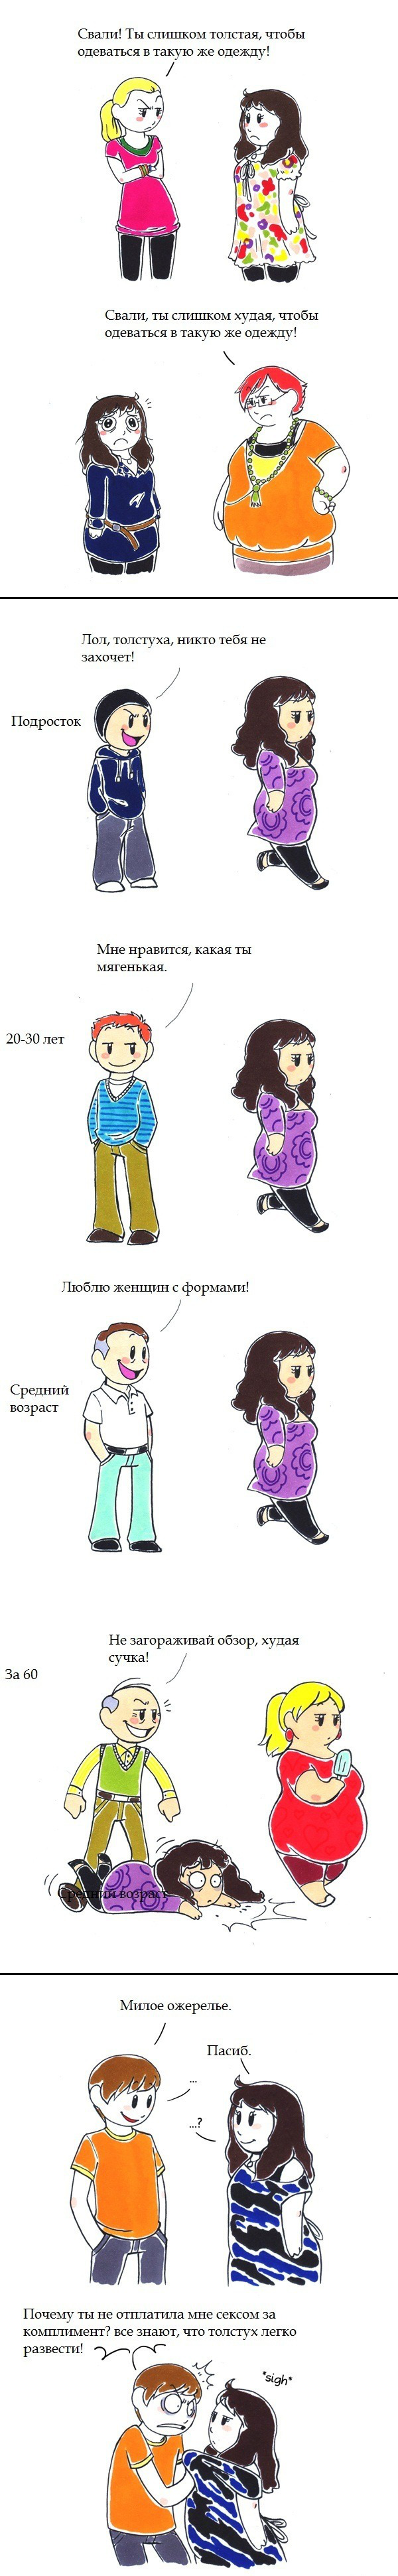 Смешные комиксы BroDude.ru brodude.ru, 11.07.2013, vShw95qc7zpshln3aoJeGqBhs0VAcDFn